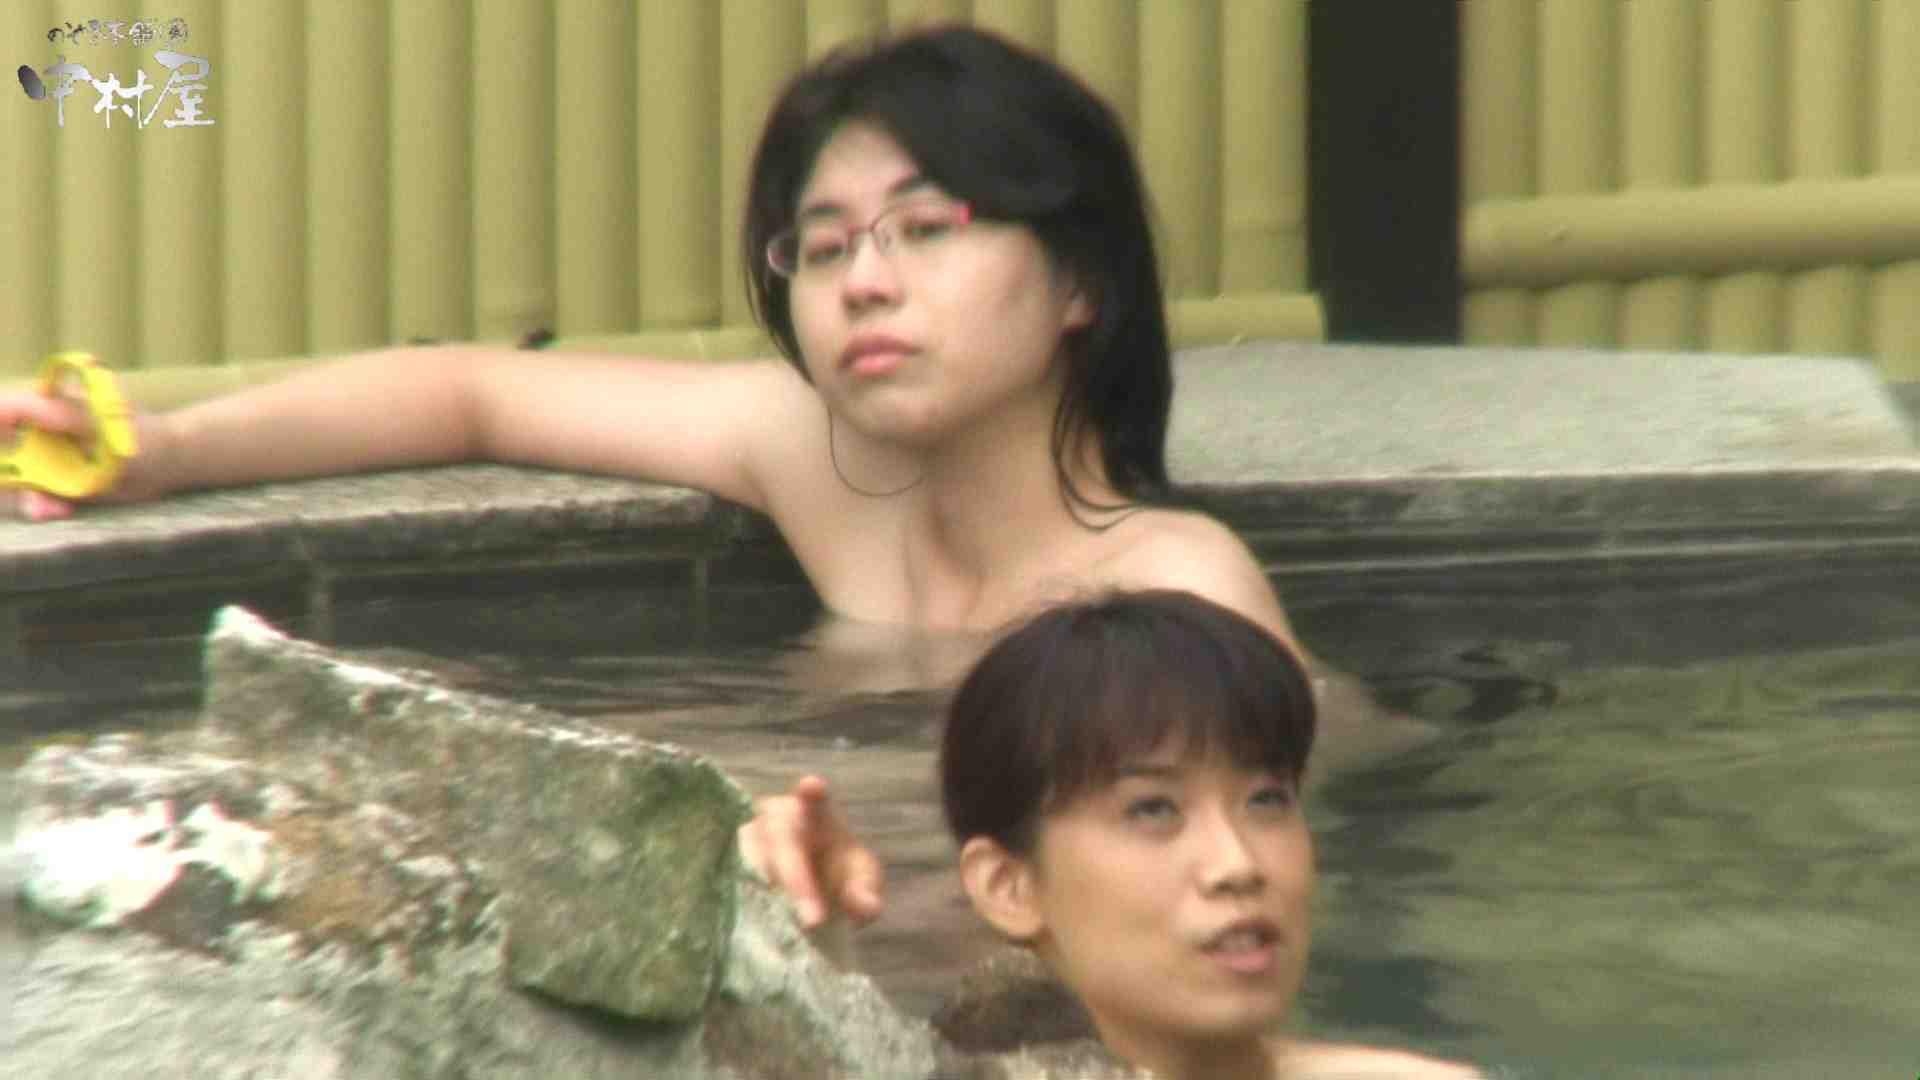 Aquaな露天風呂Vol.947 OLハメ撮り  61Pix 45